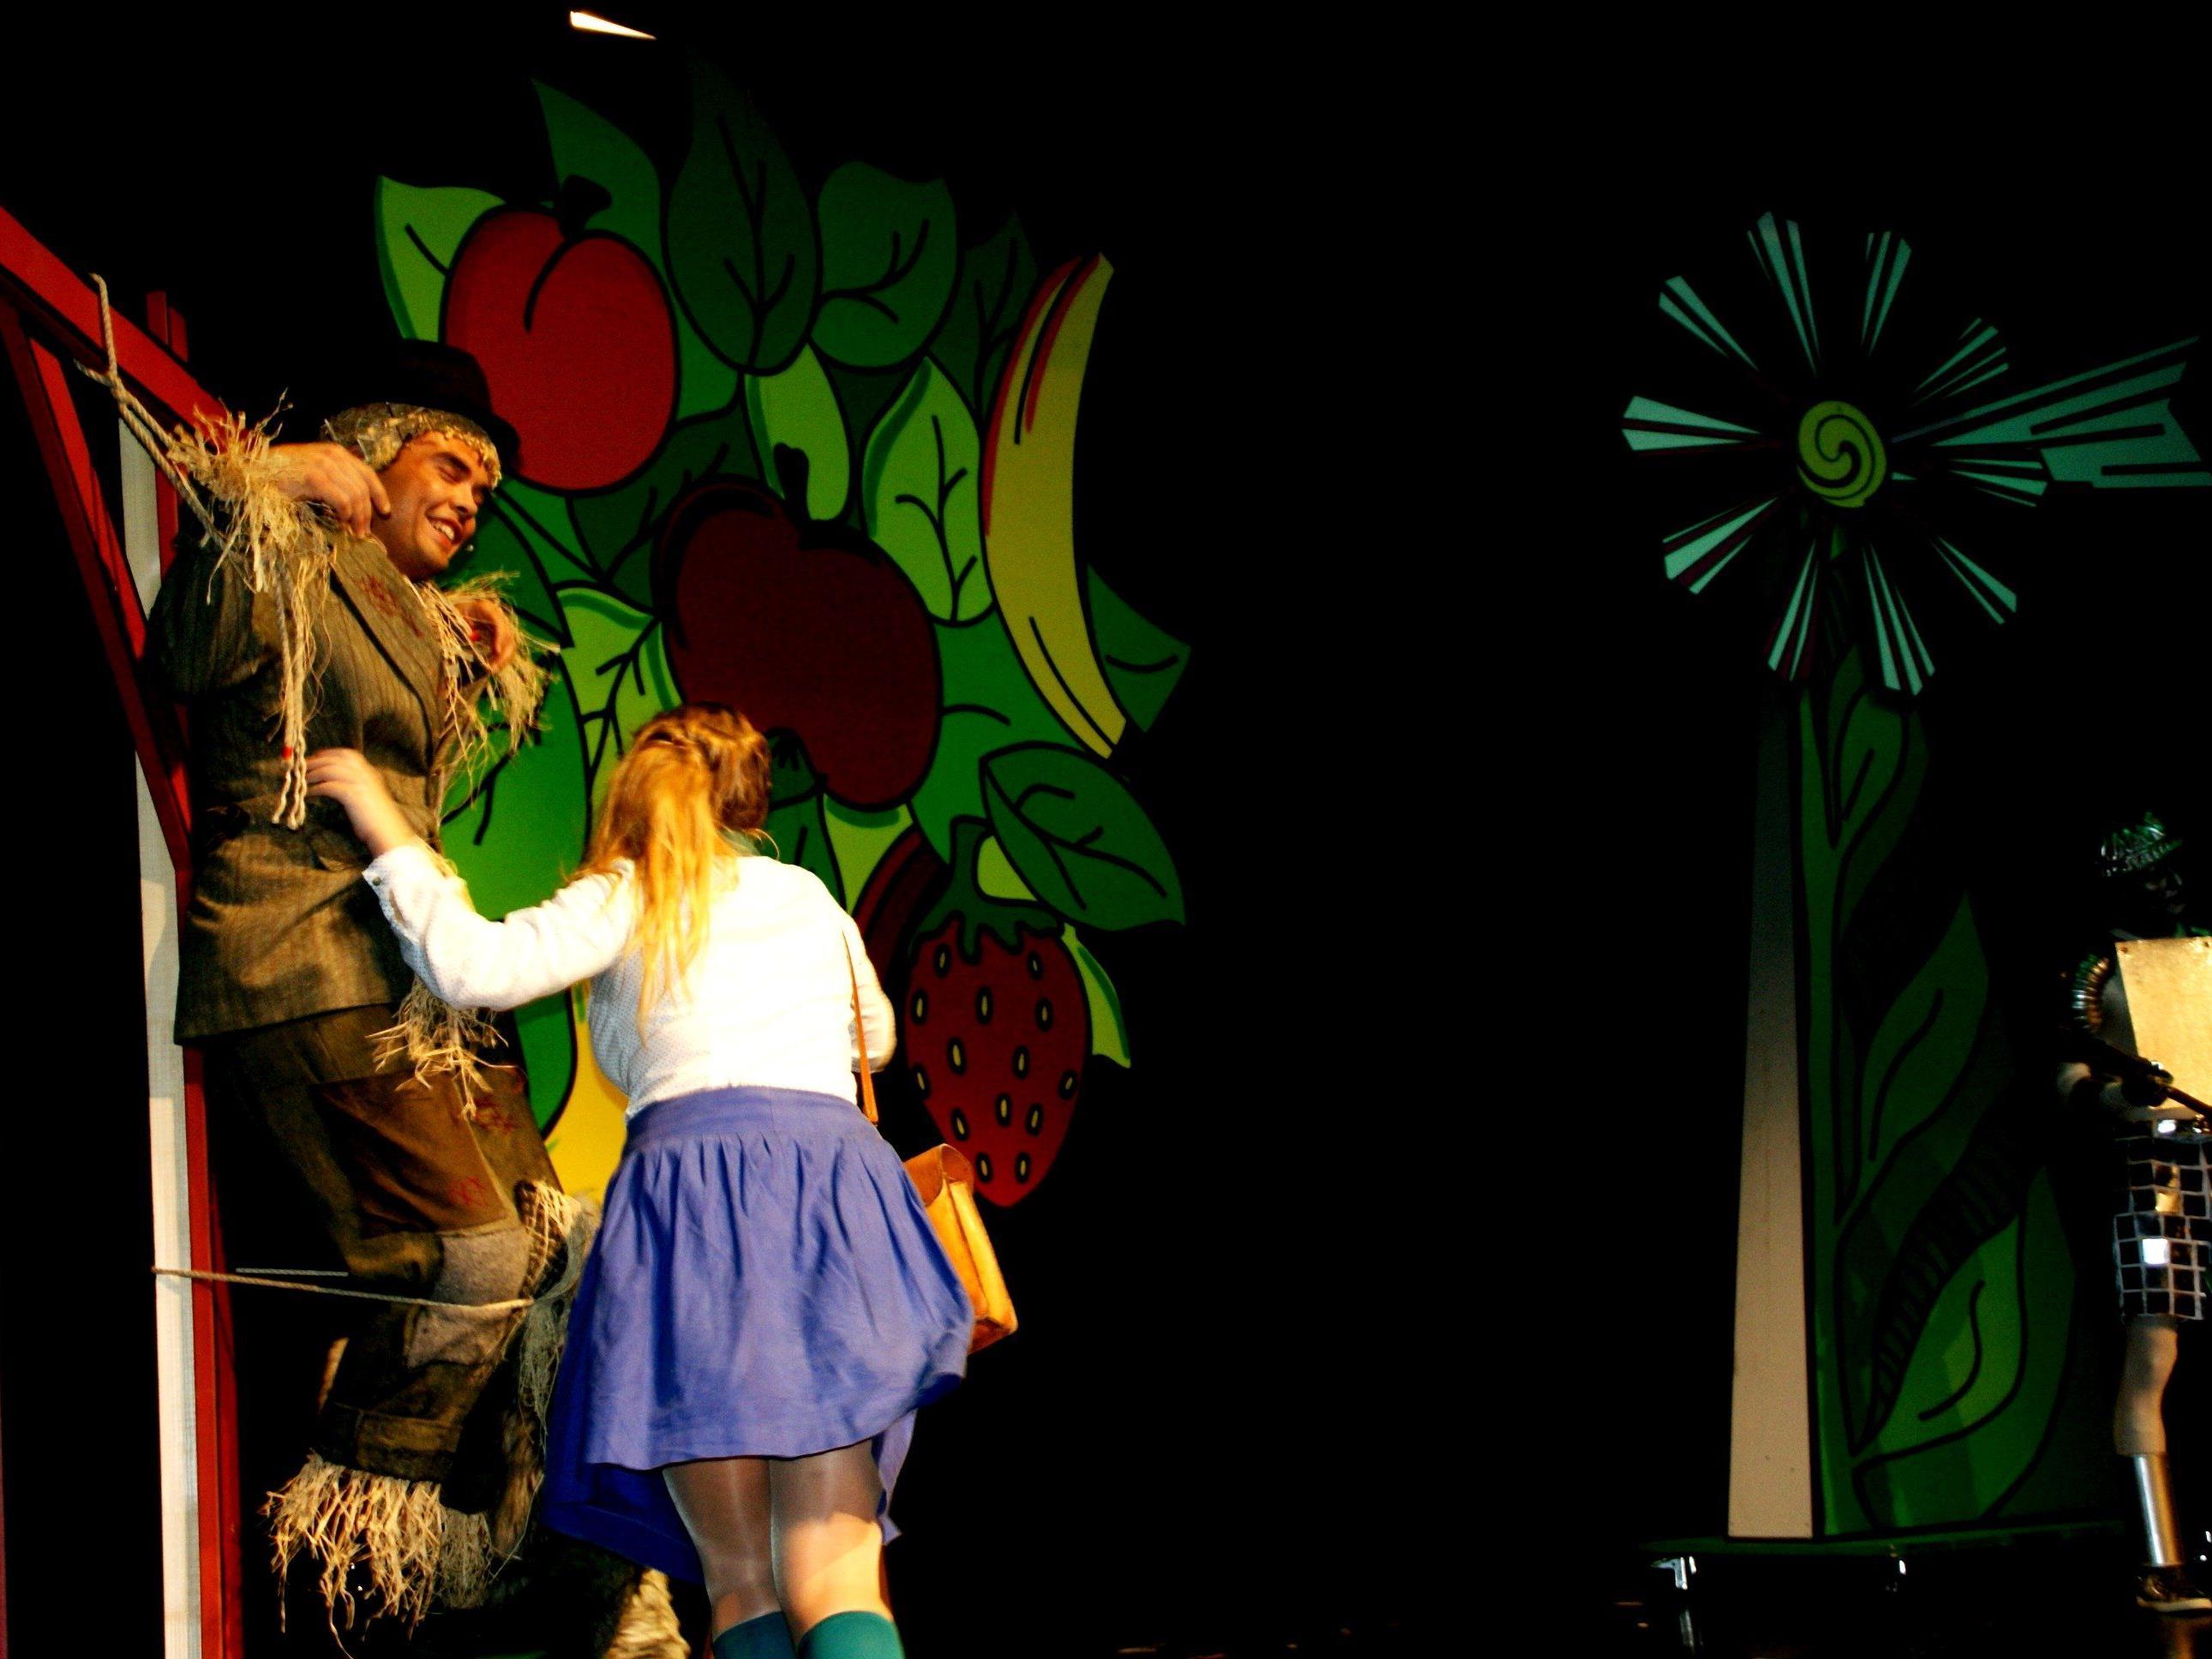 Bunte Inszenierung des Zauberers von Oz